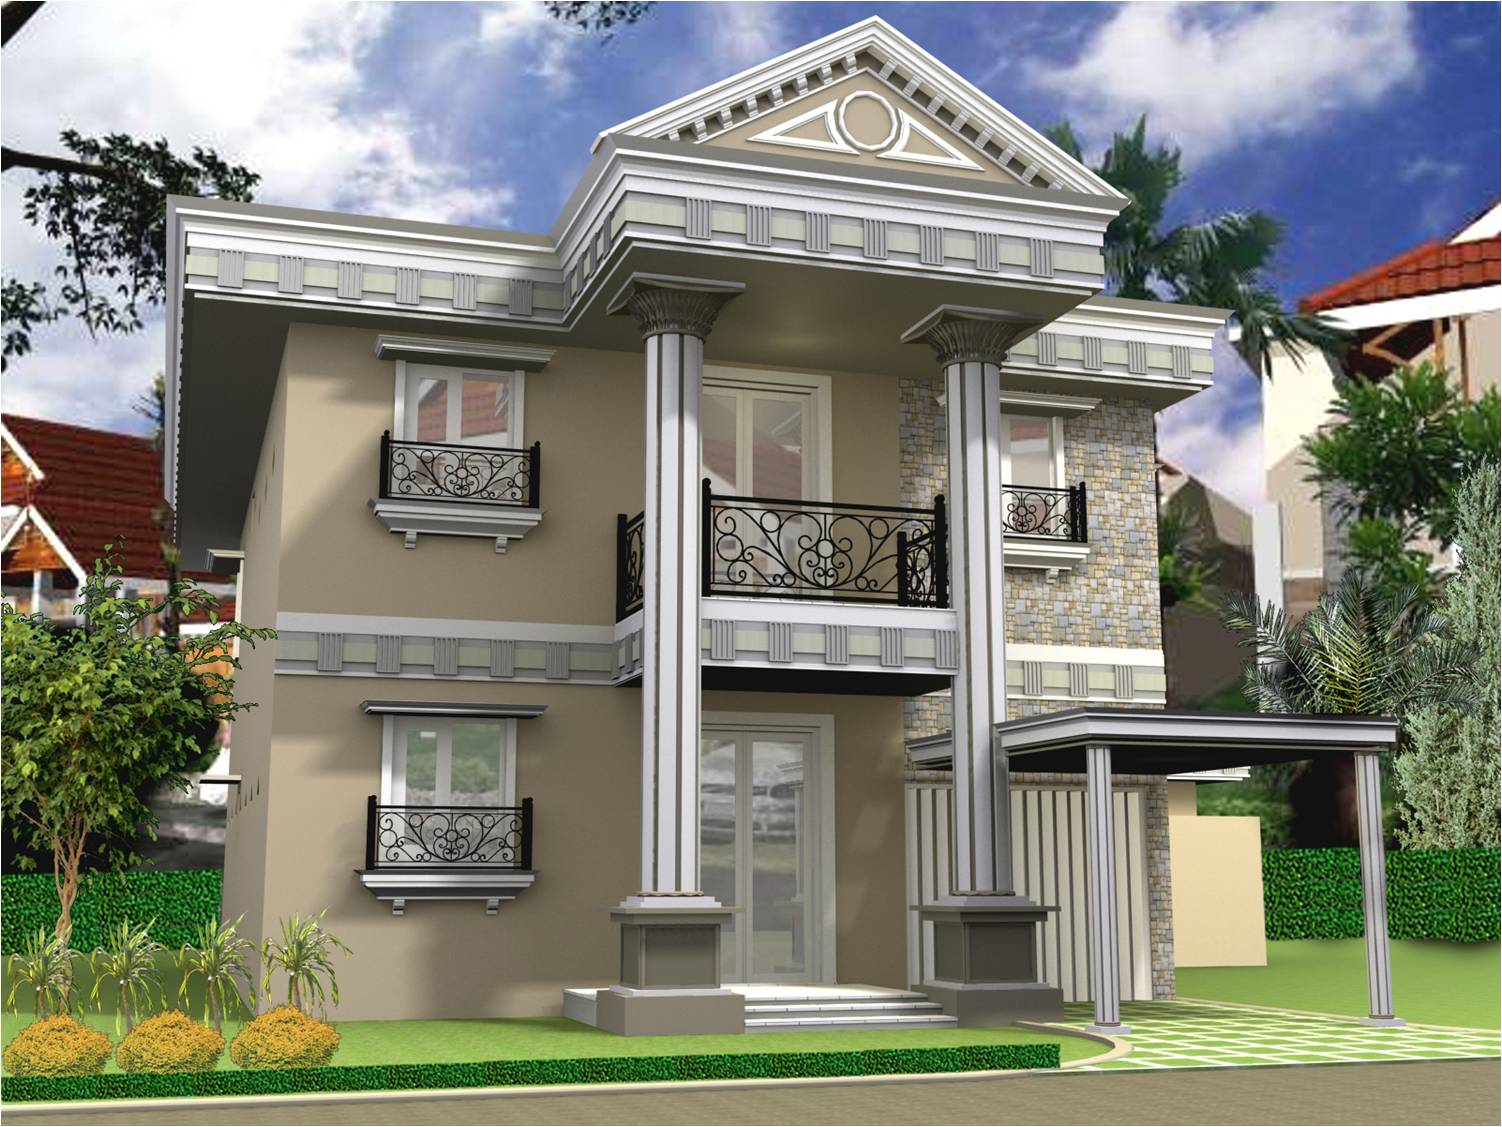 rumah  minimalis 2  lantai  terbaru contoh  model rumah